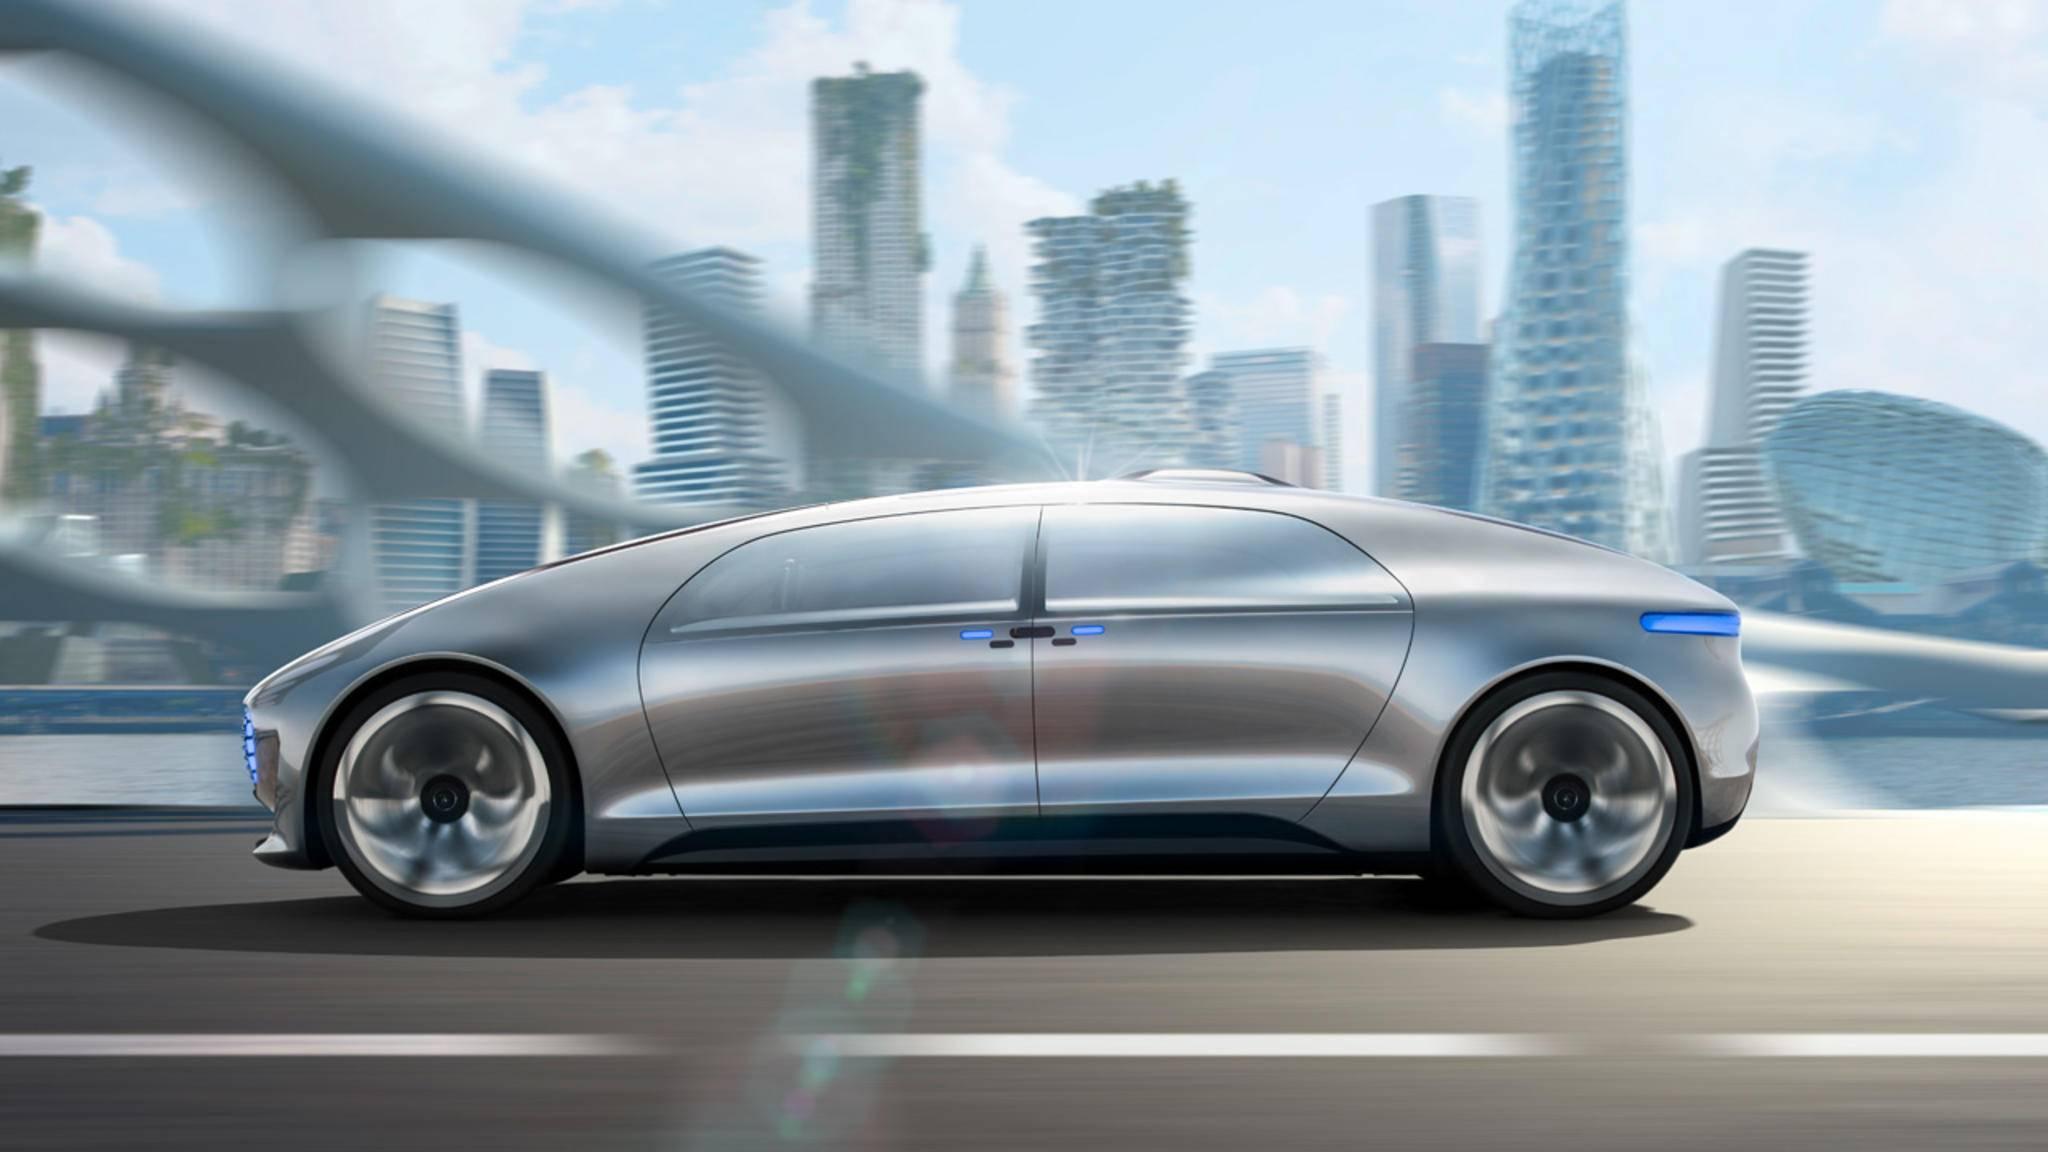 Konzepte wie der Mercedes F 015 Luxury in Motion geben einen Vorgeschmack auf die Autos der Zukunft.